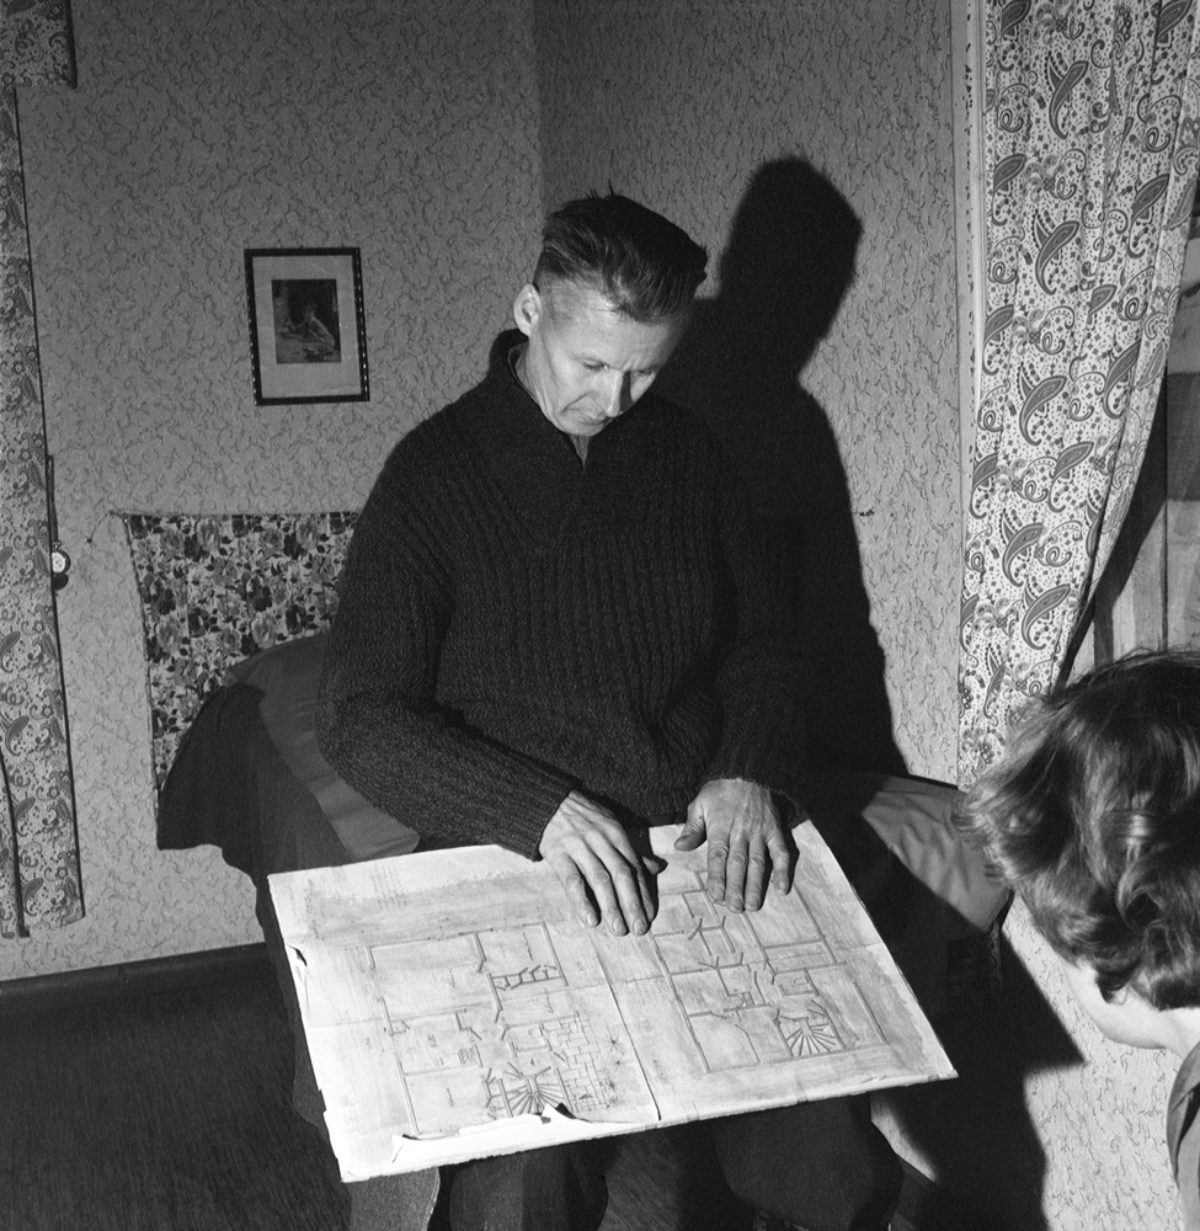 Johan Venninen tutkii talonsa rakennuspiirustuksia Hyvinkäällä 1959. Kuva UA Saarinen / JOKA / Museovirasto